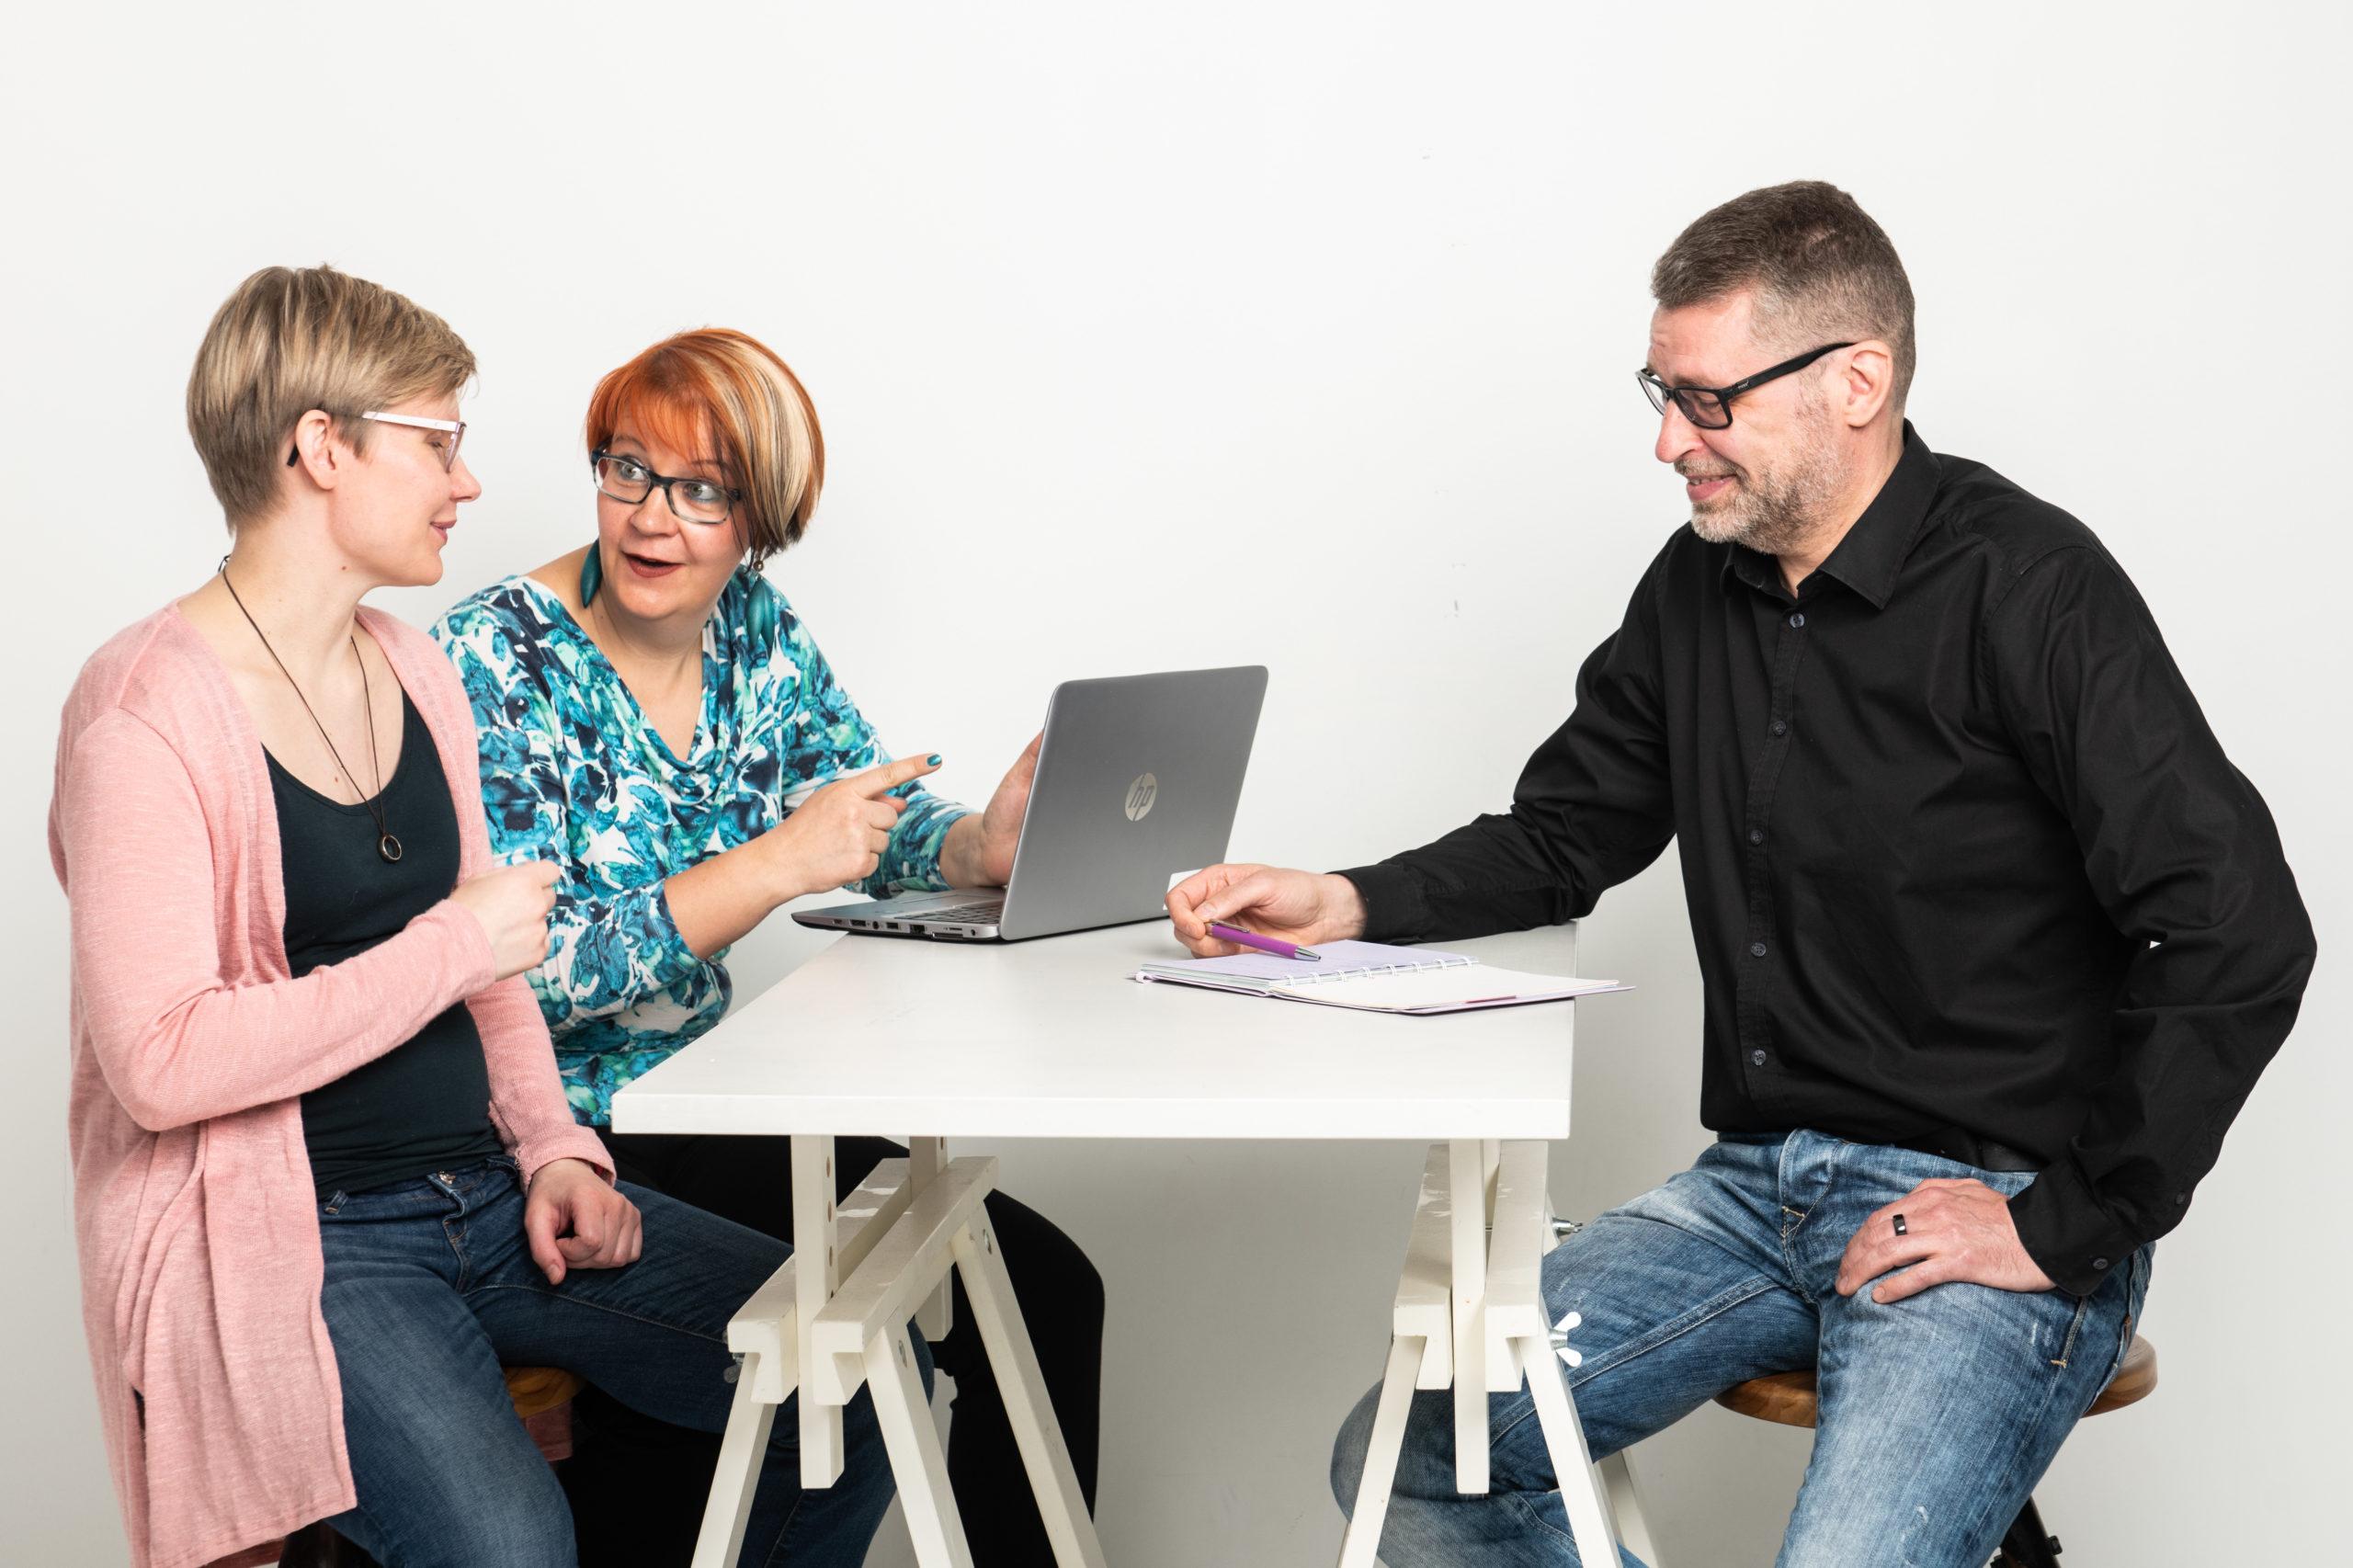 Kolme henkilöä pöydän ja läppärin ääressä.